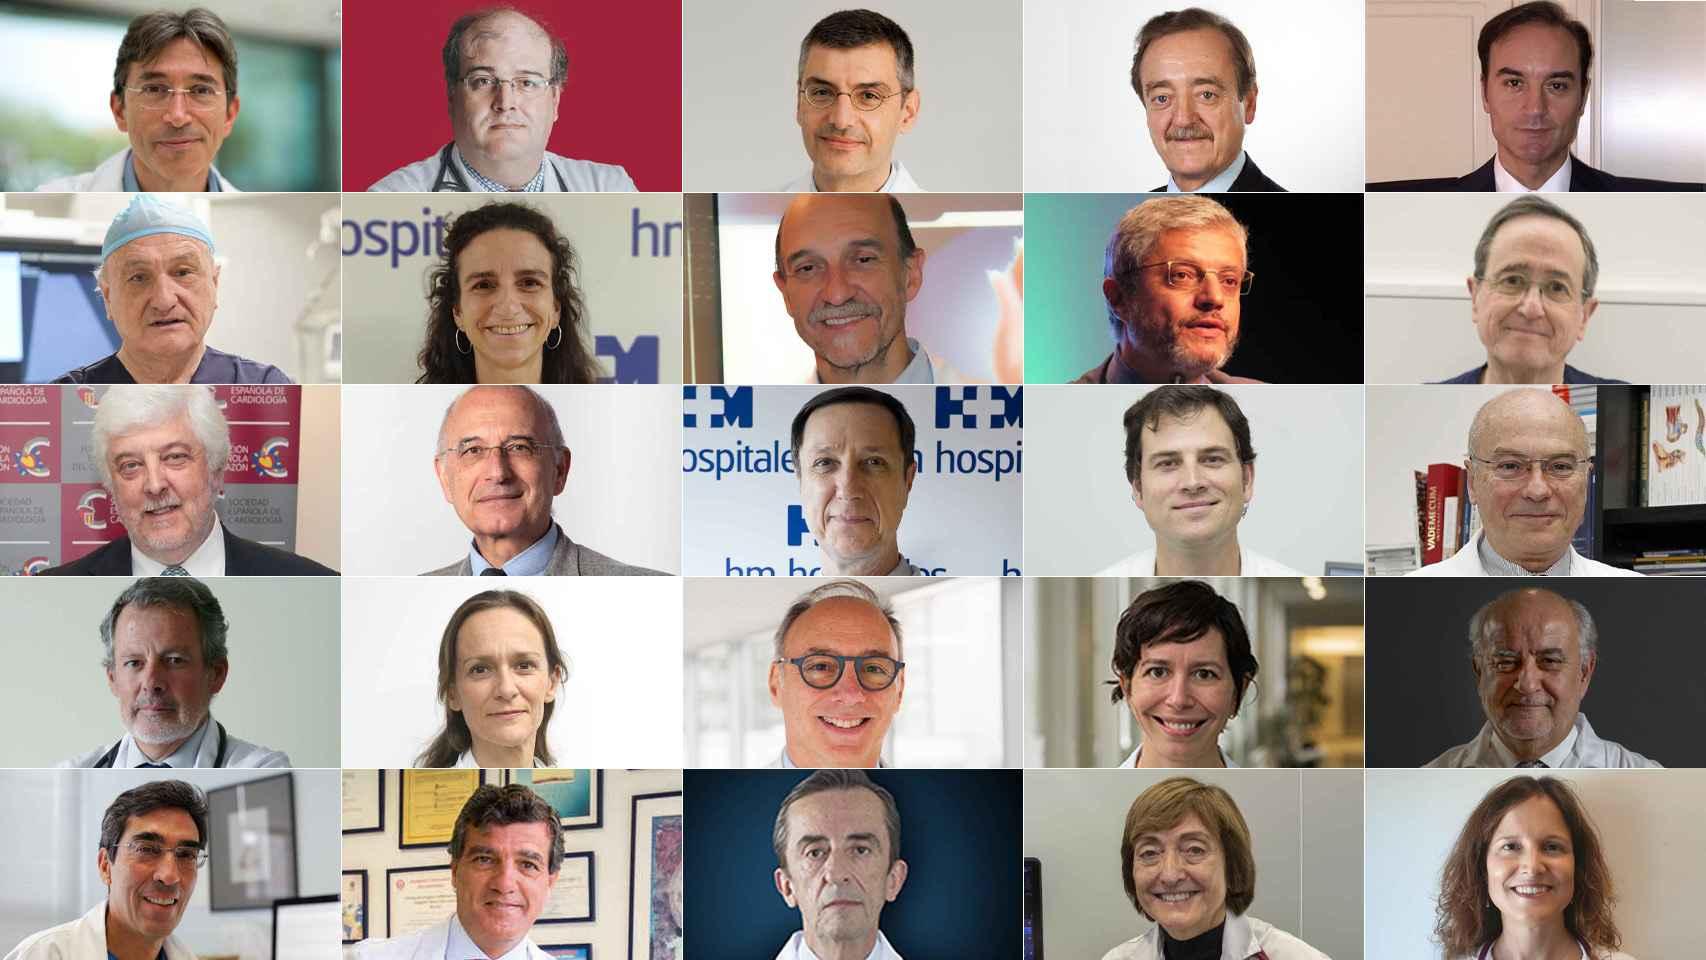 Los 25 mejores cardiólogos de España: estos son los grandes sabios del corazón de nuestro país